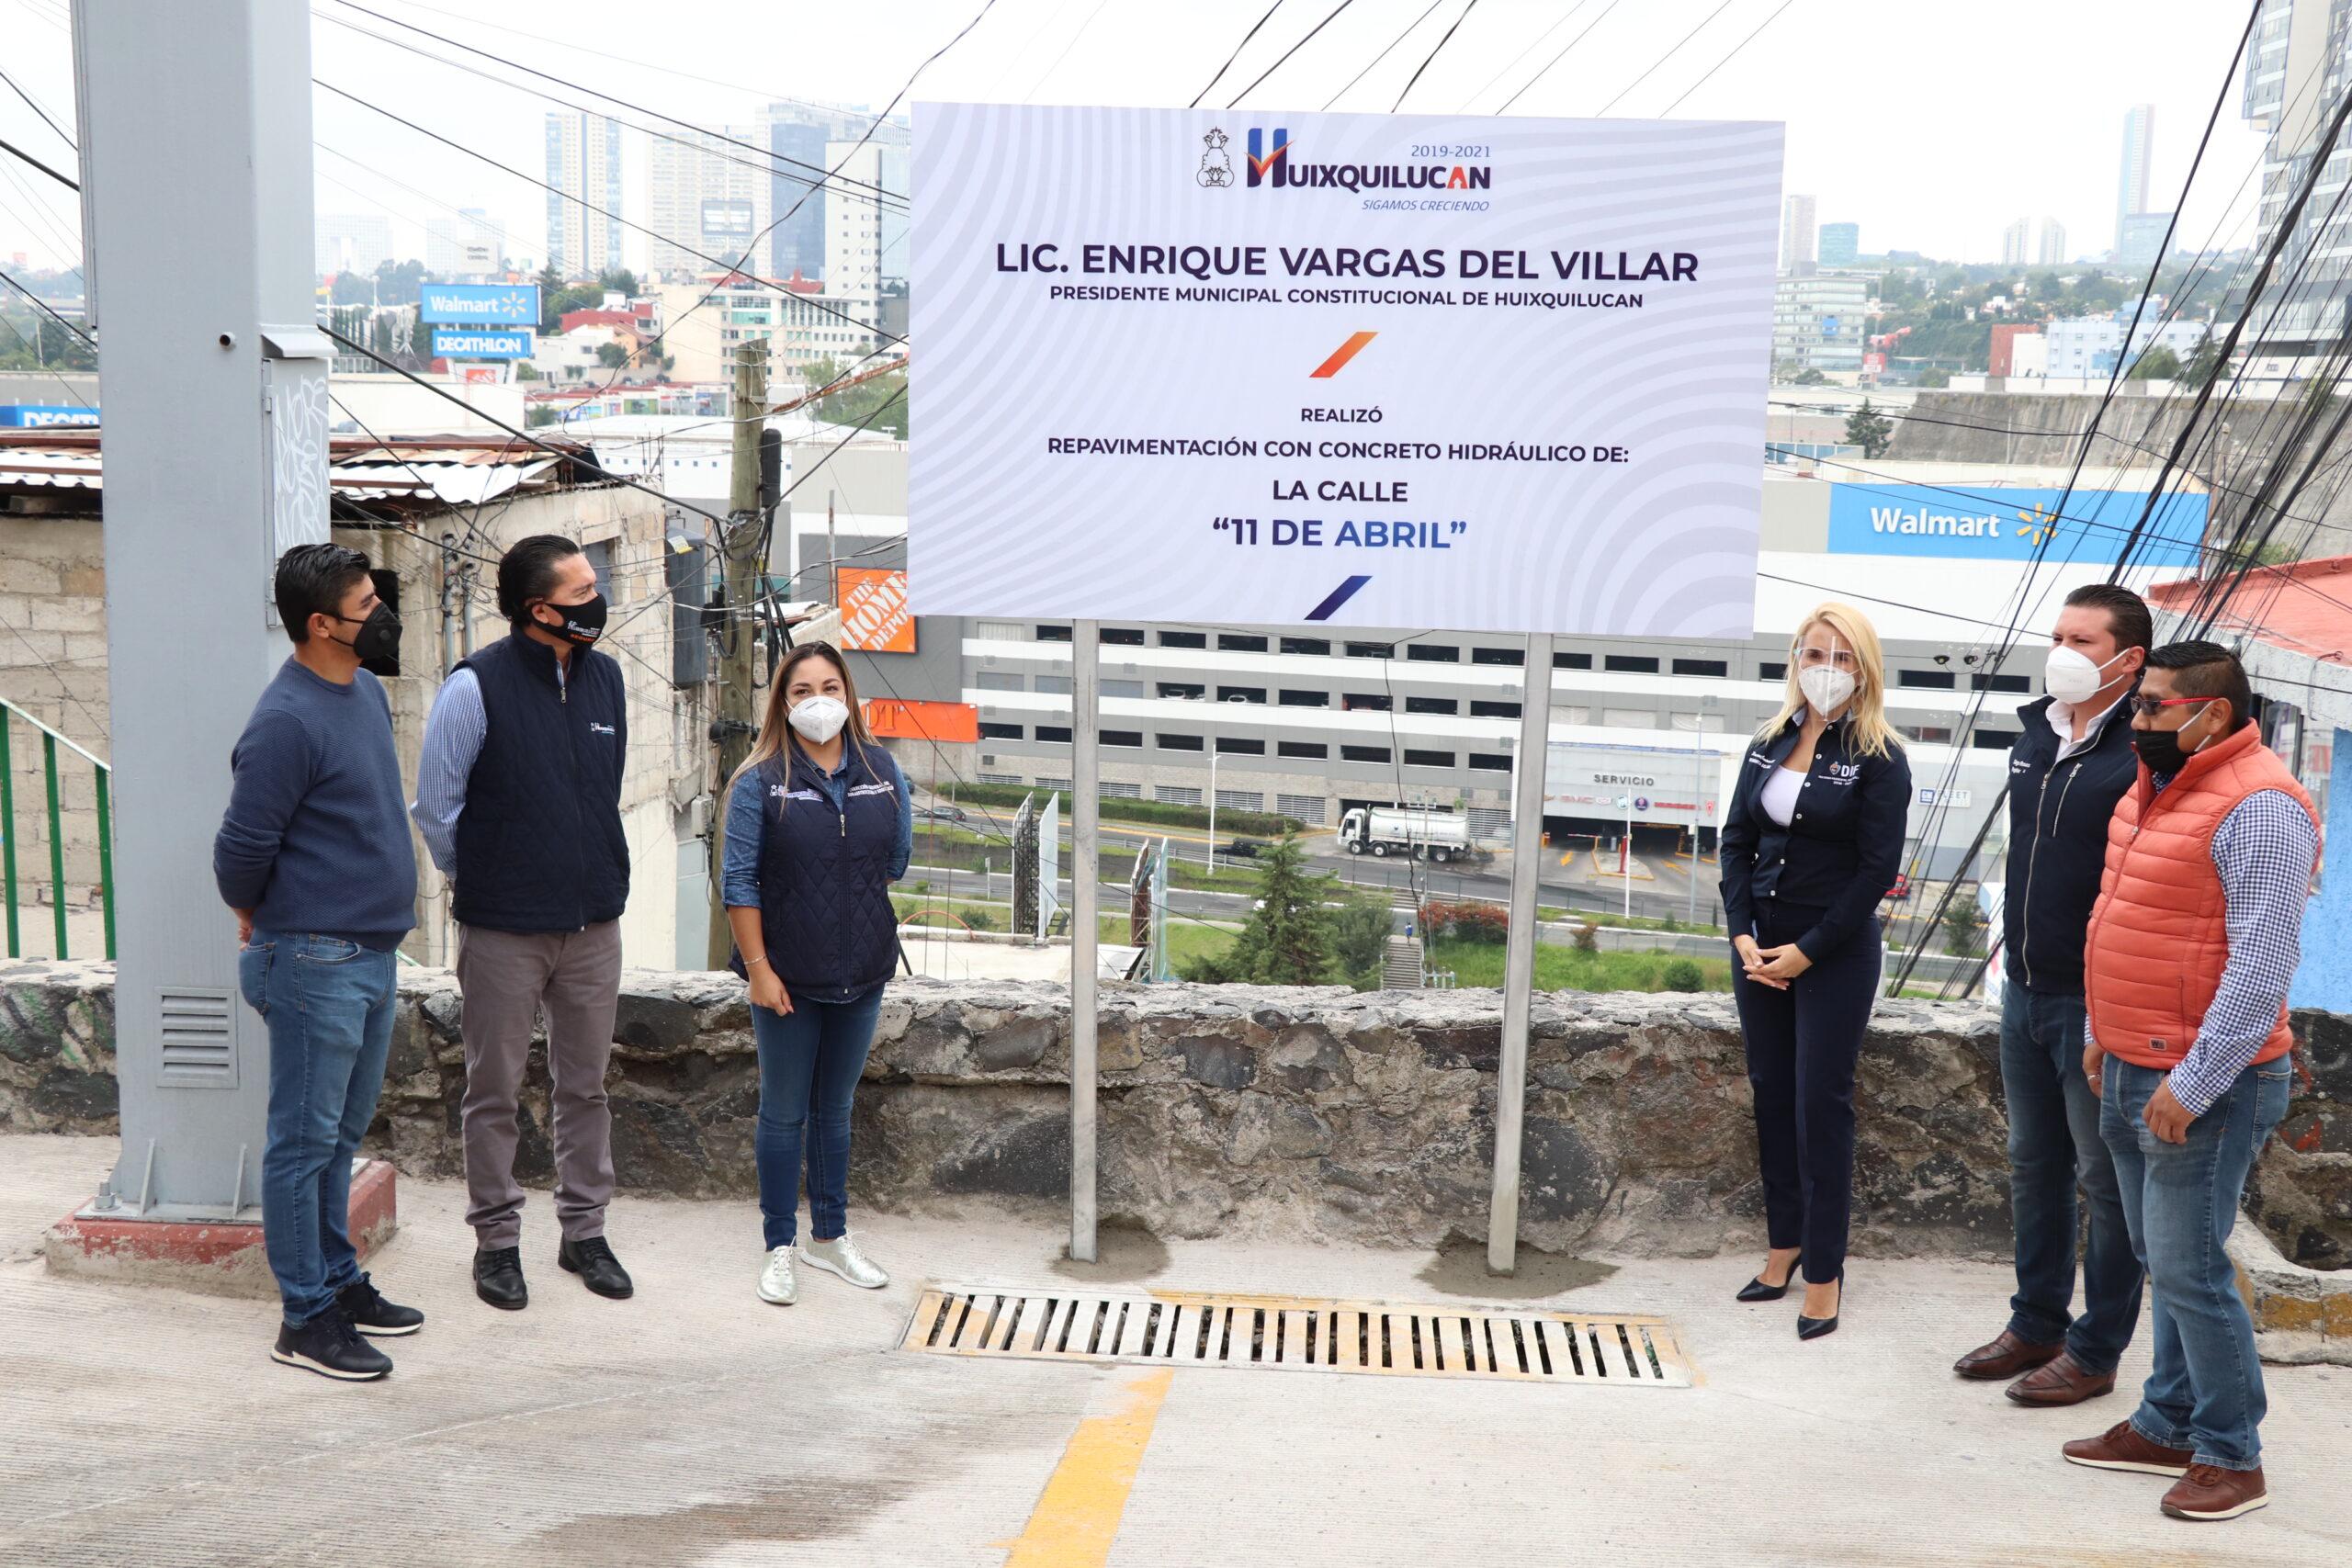 Trabajo en equipo permite obras de impacto en las comunidades de Huixquilucan